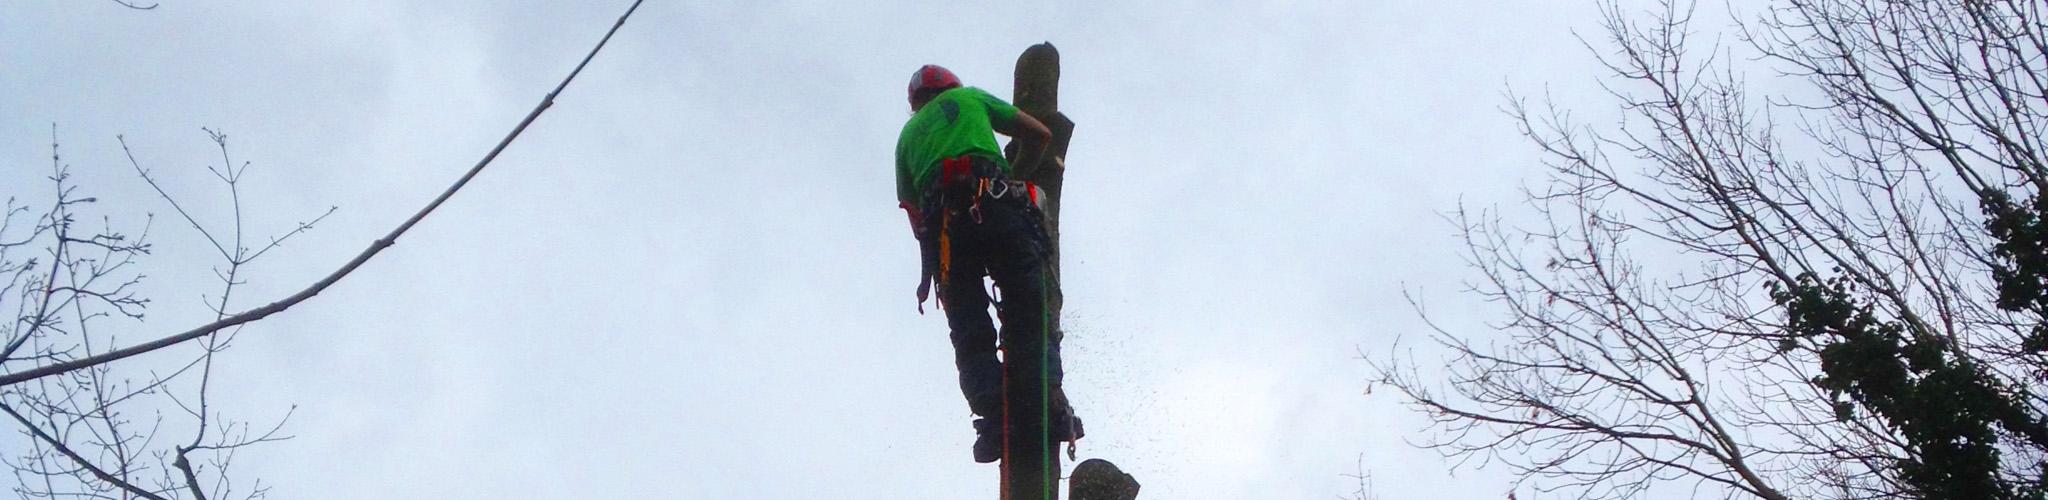 Slider Baumarbeit, Bild 4, Fällarbeiten